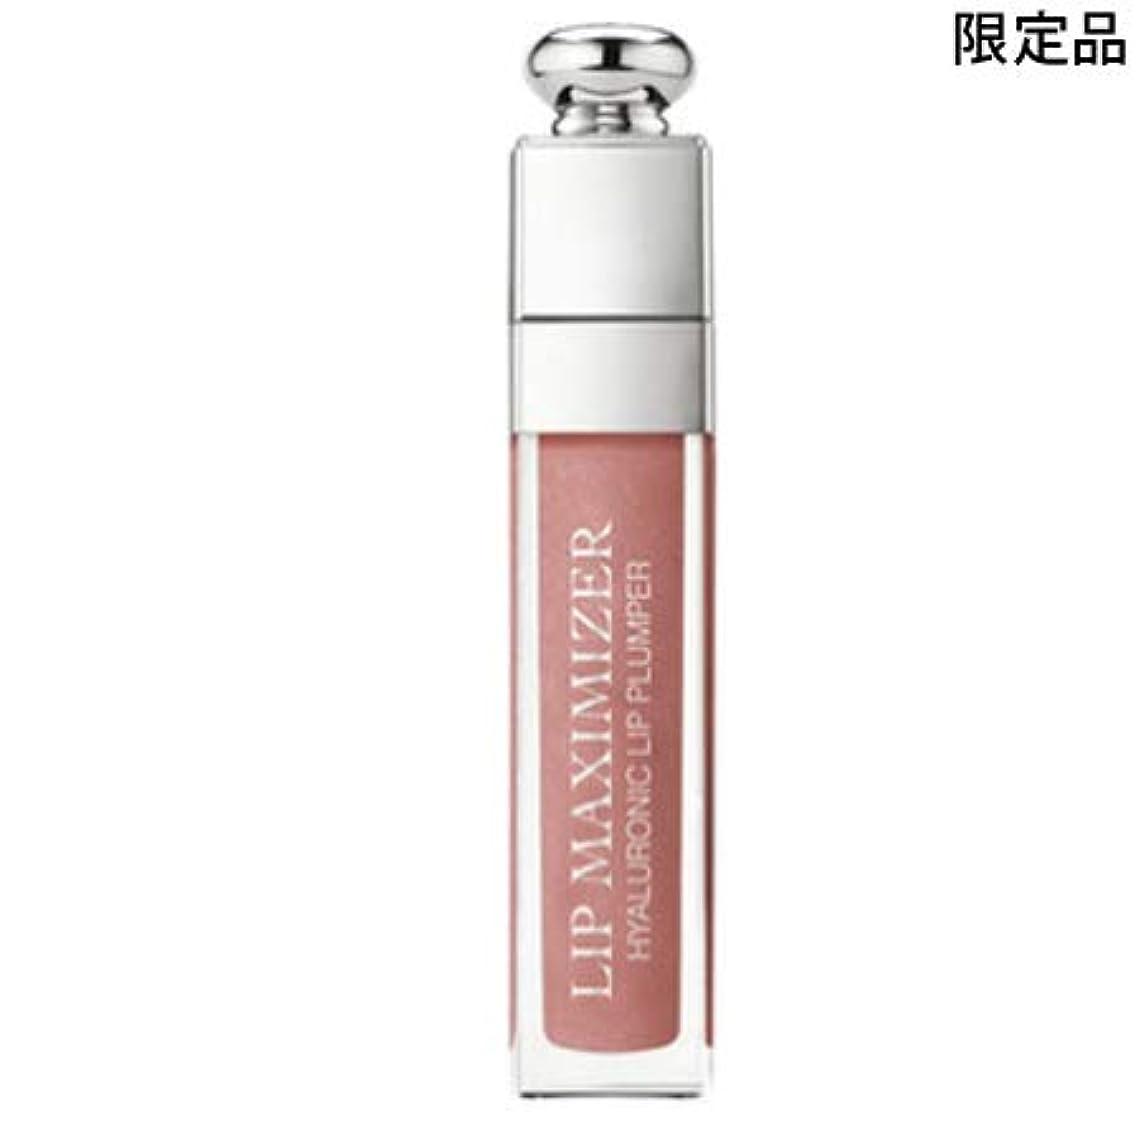 ラショナル腐敗した首Dior(ディオール) アディクト リップ マキシマイザー #012 ローズウッド 限定色